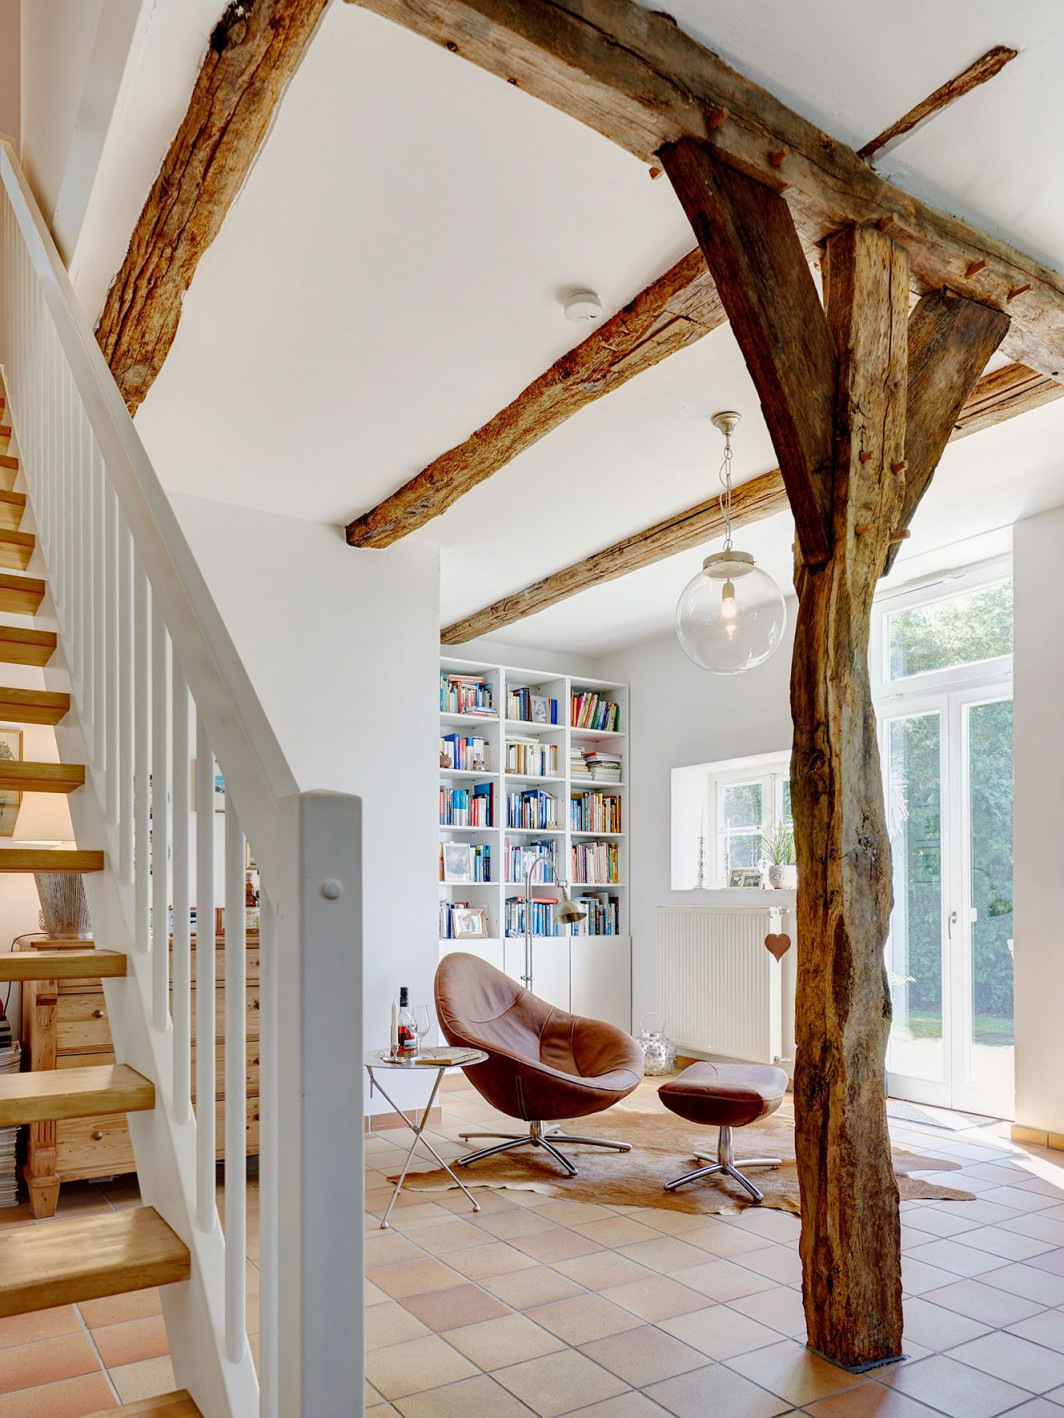 Deckengestaltung Ideen Für Die Gestaltung Der Zimmerdecke von Moderne Deckengestaltung Wohnzimmer Photo